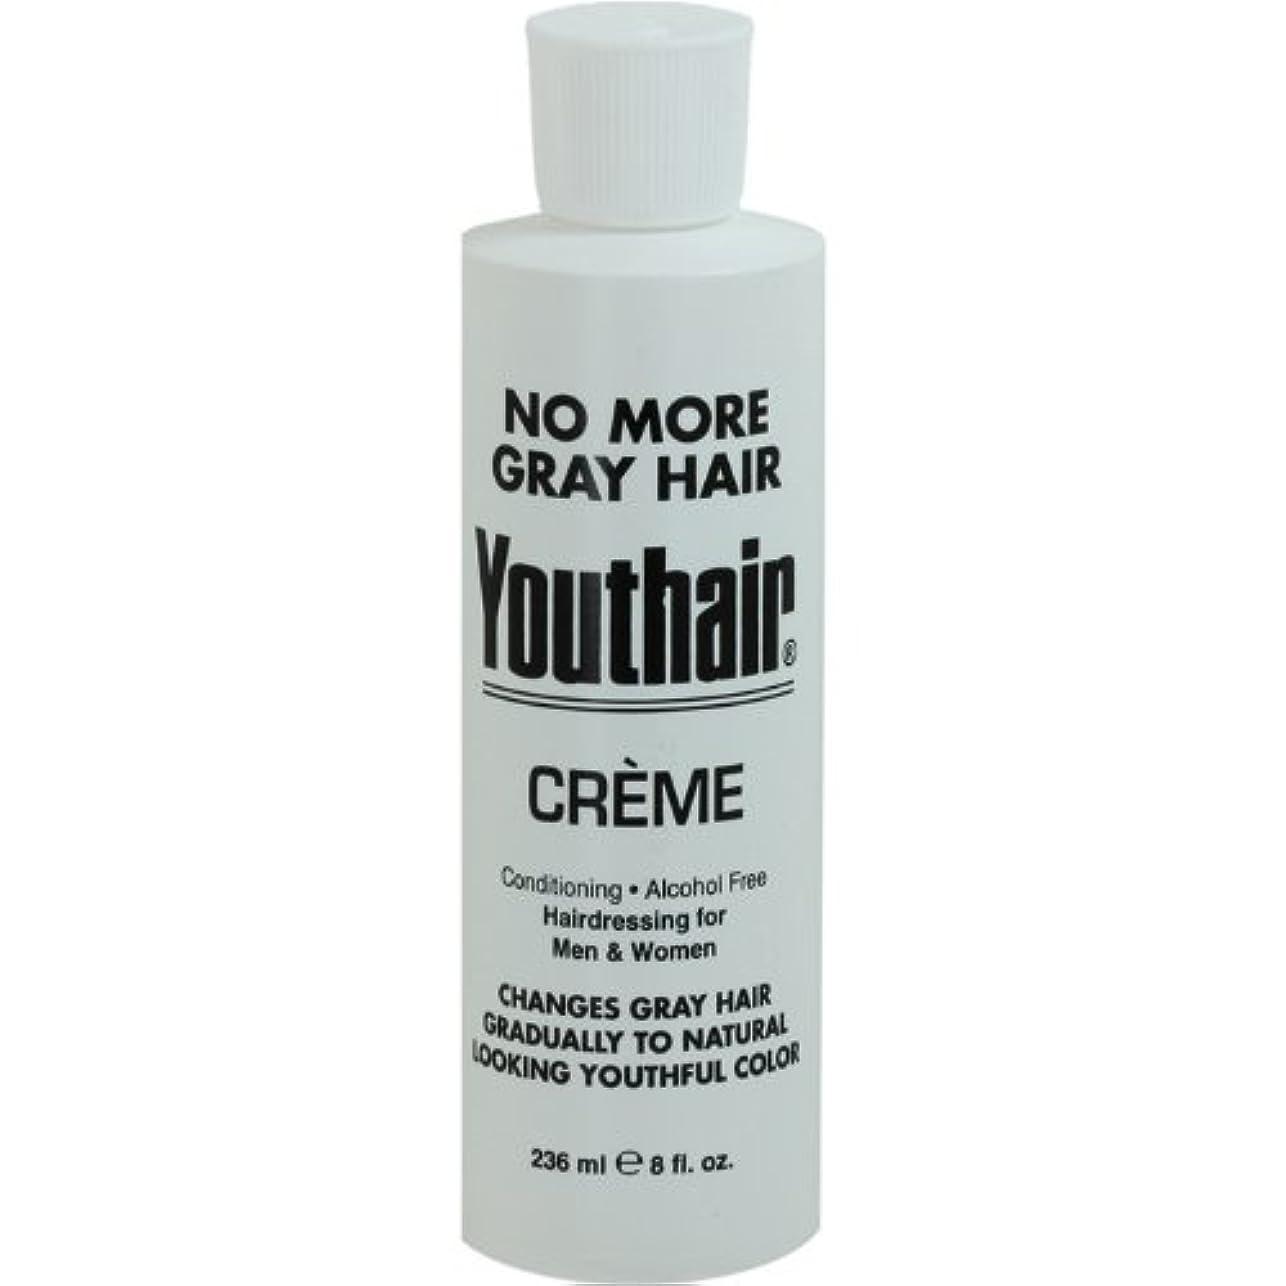 憤るじゃがいもバリーYouthair Creme, Round Bottle, 8 Ounce by Youthair